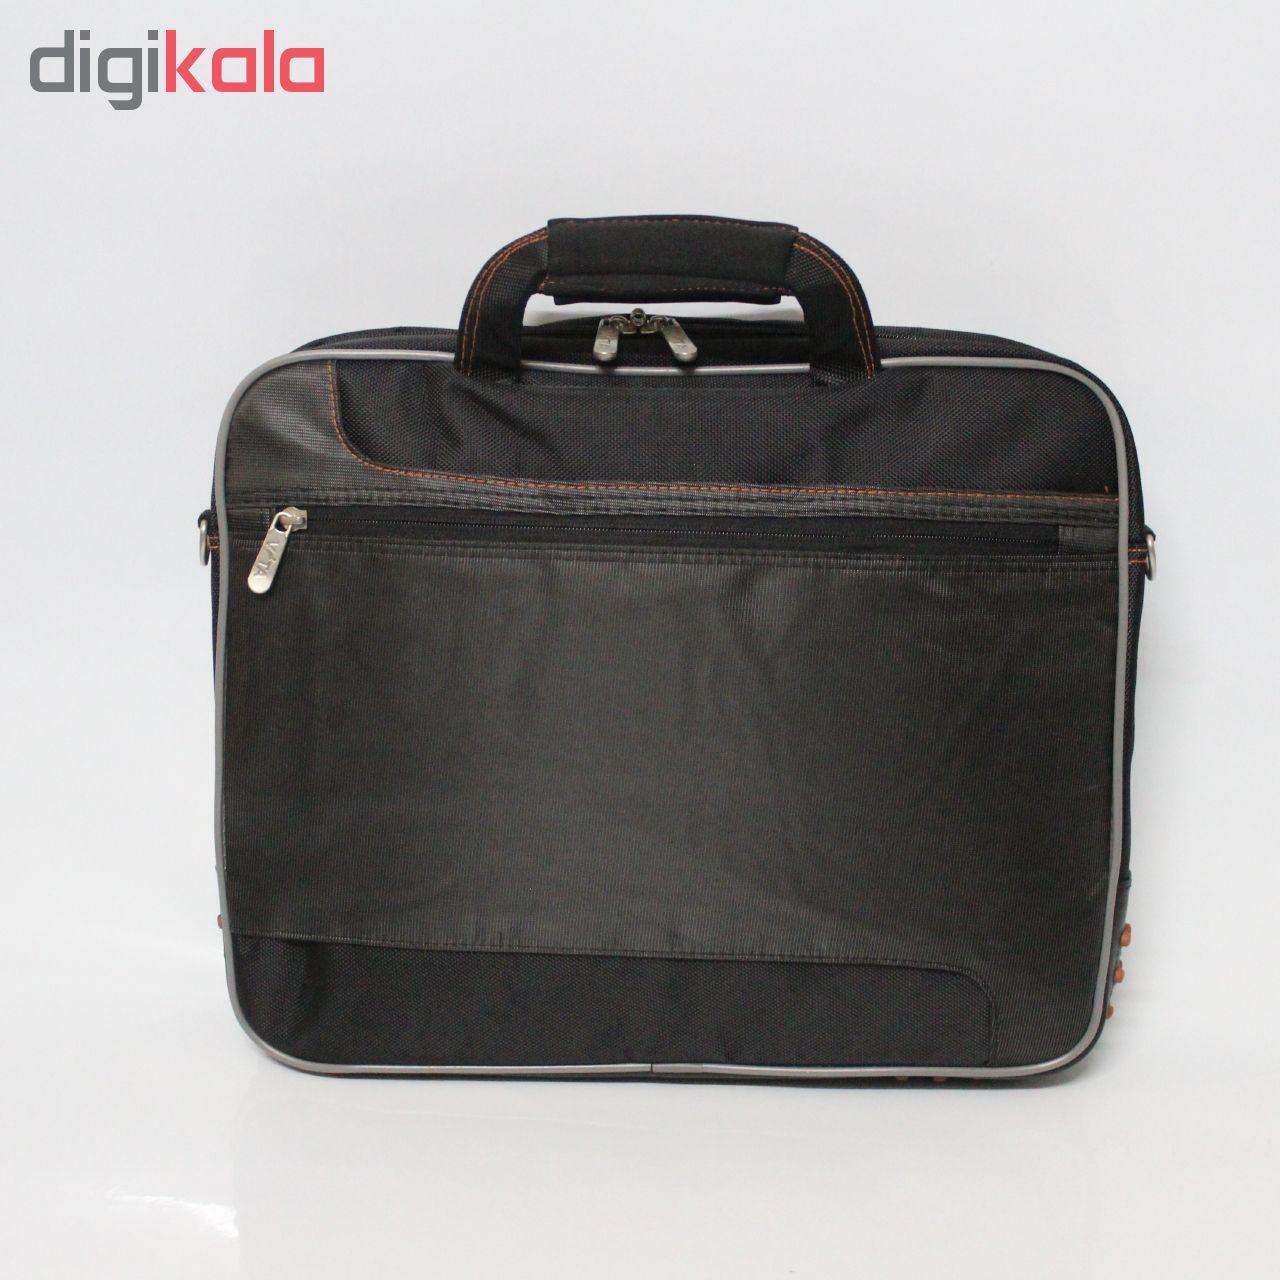 کیف لپ تاپ ویتا مدل LSM10010R مناسب برای لپ تاپ 15 اینچی